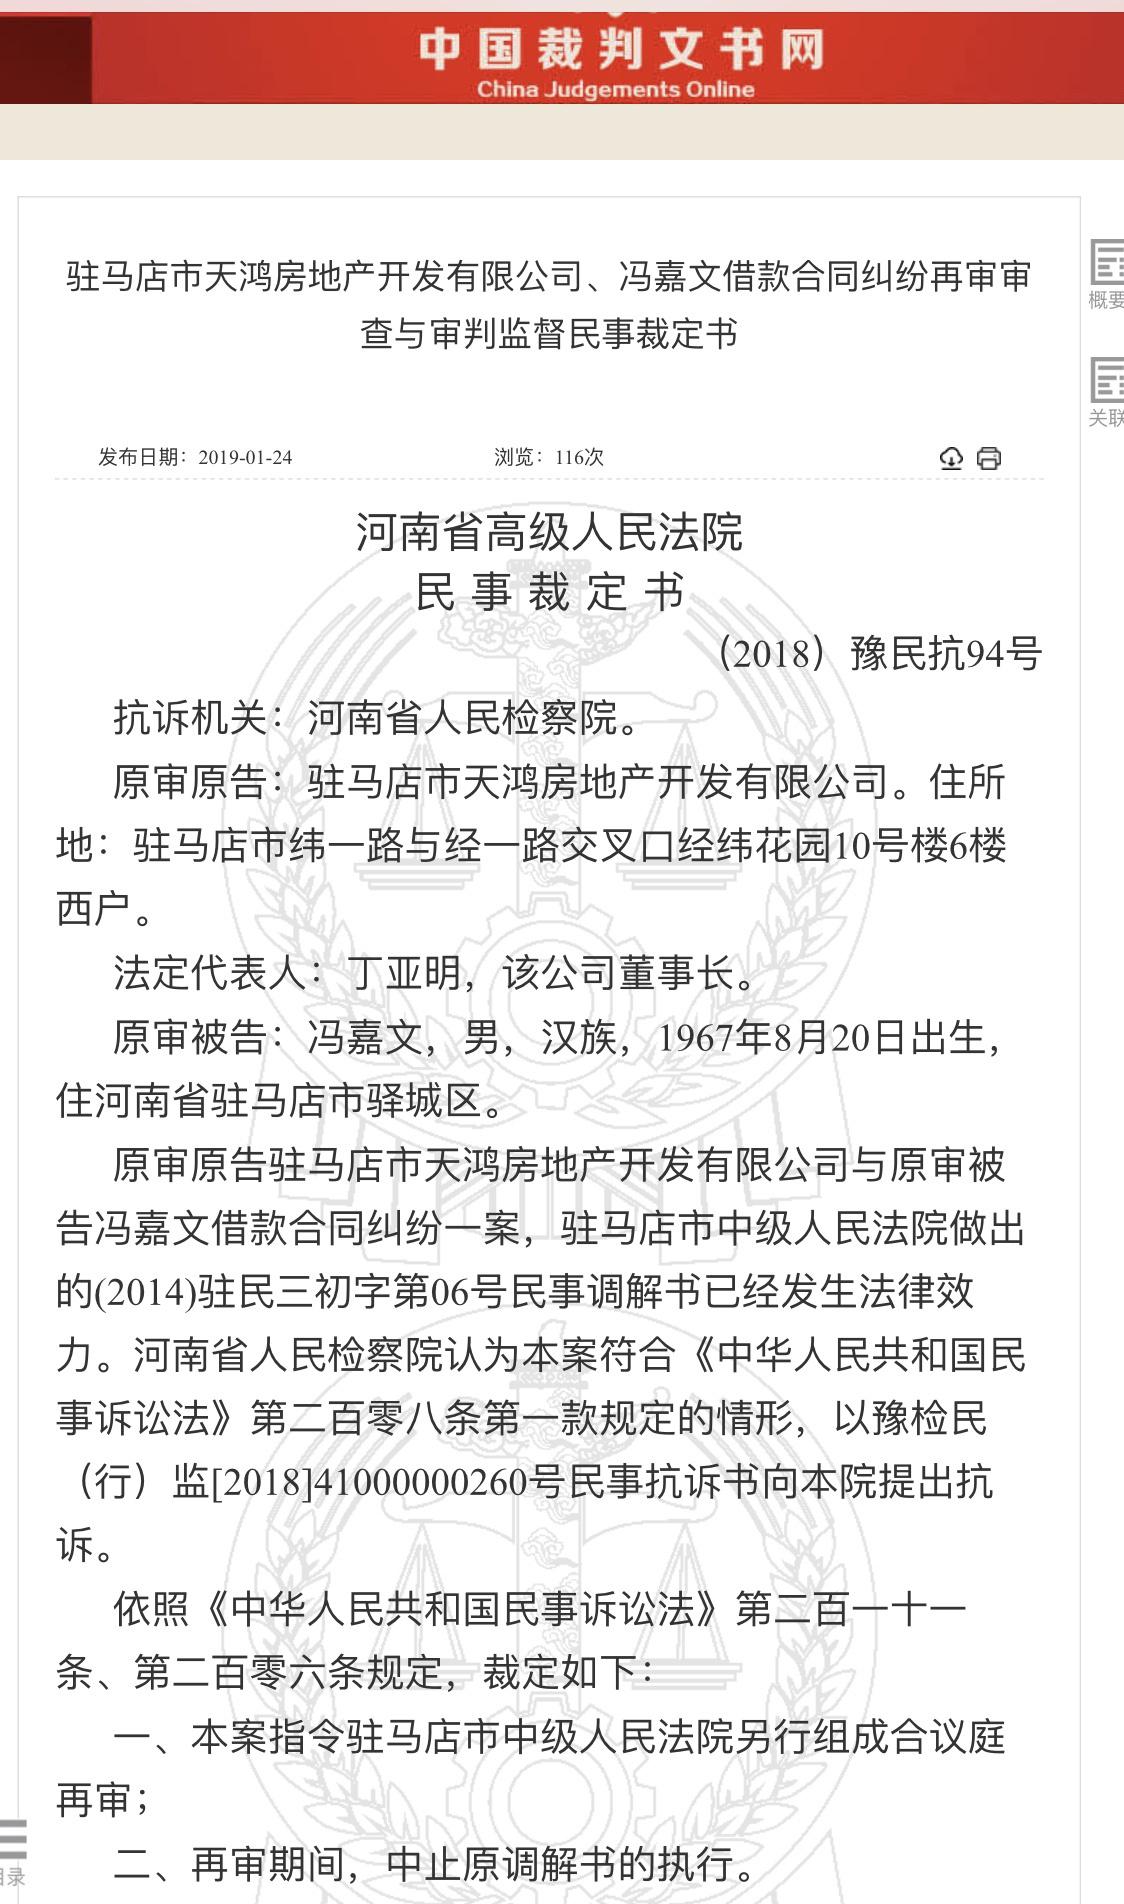 河南商人虚假诉讼被判诈骗罪,检方抗诉后涉案文书仍执行图片